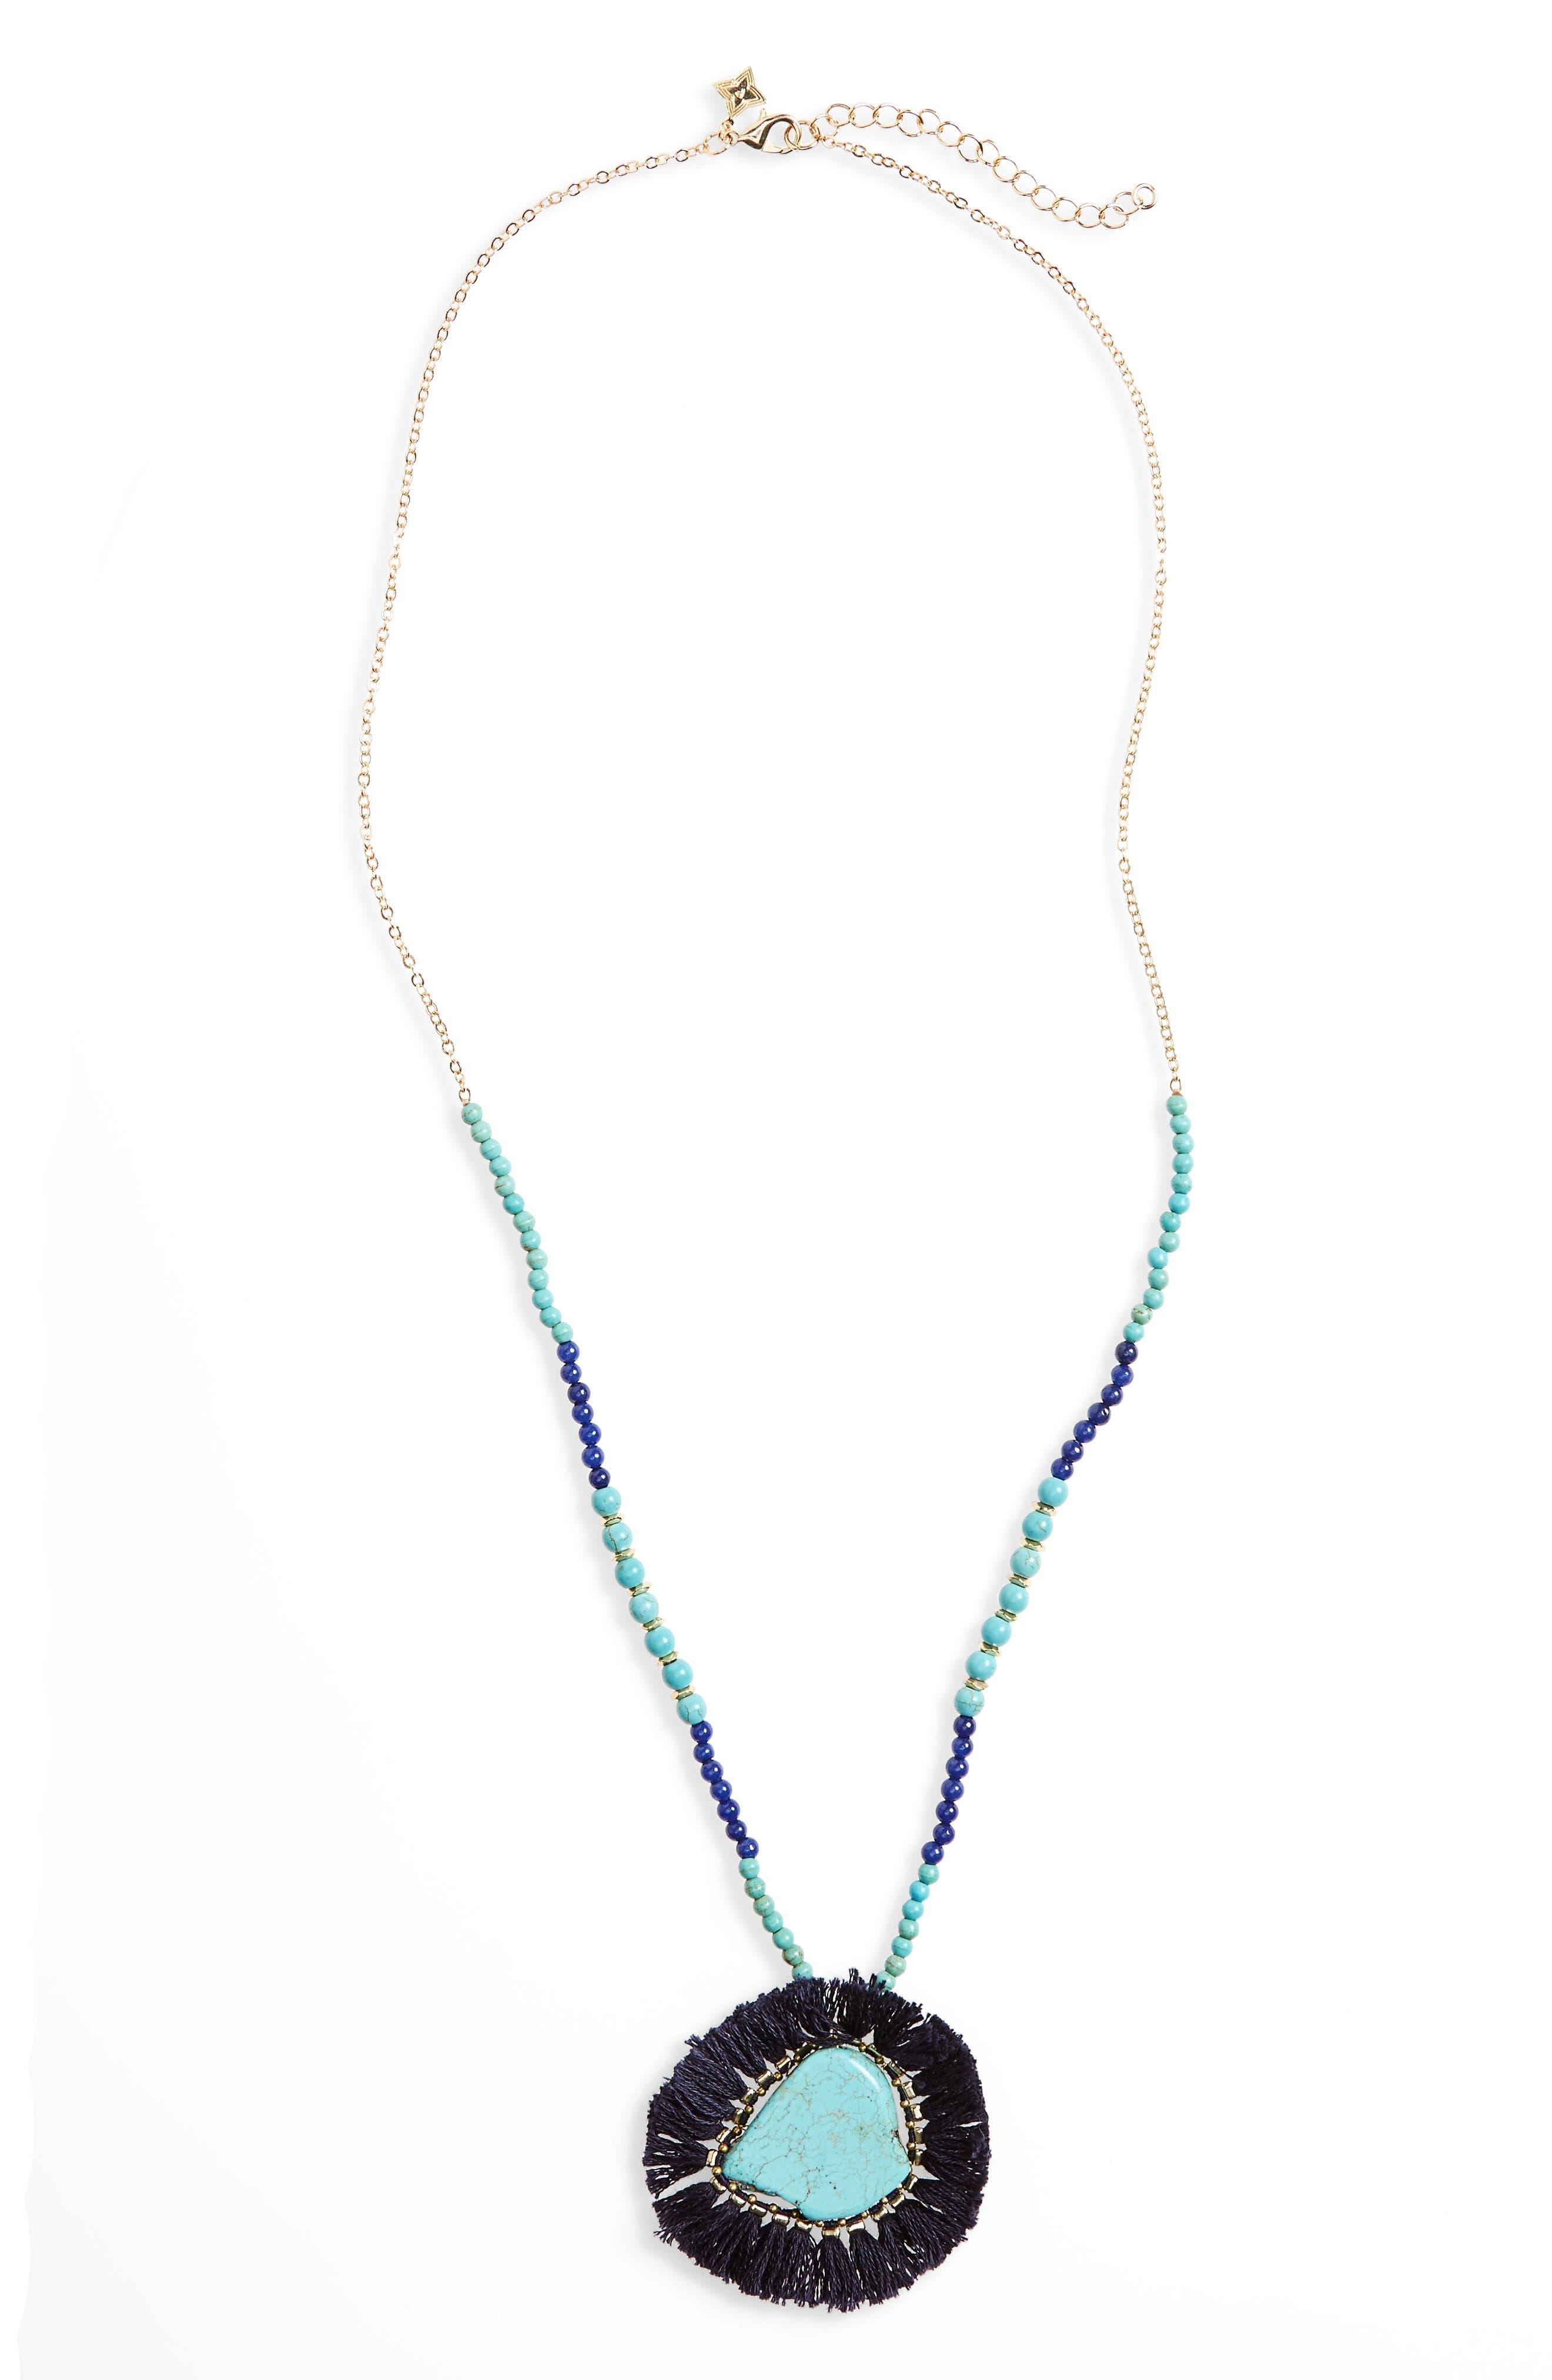 Fringe Howlite Pendant Necklace,                             Main thumbnail 1, color,                             400